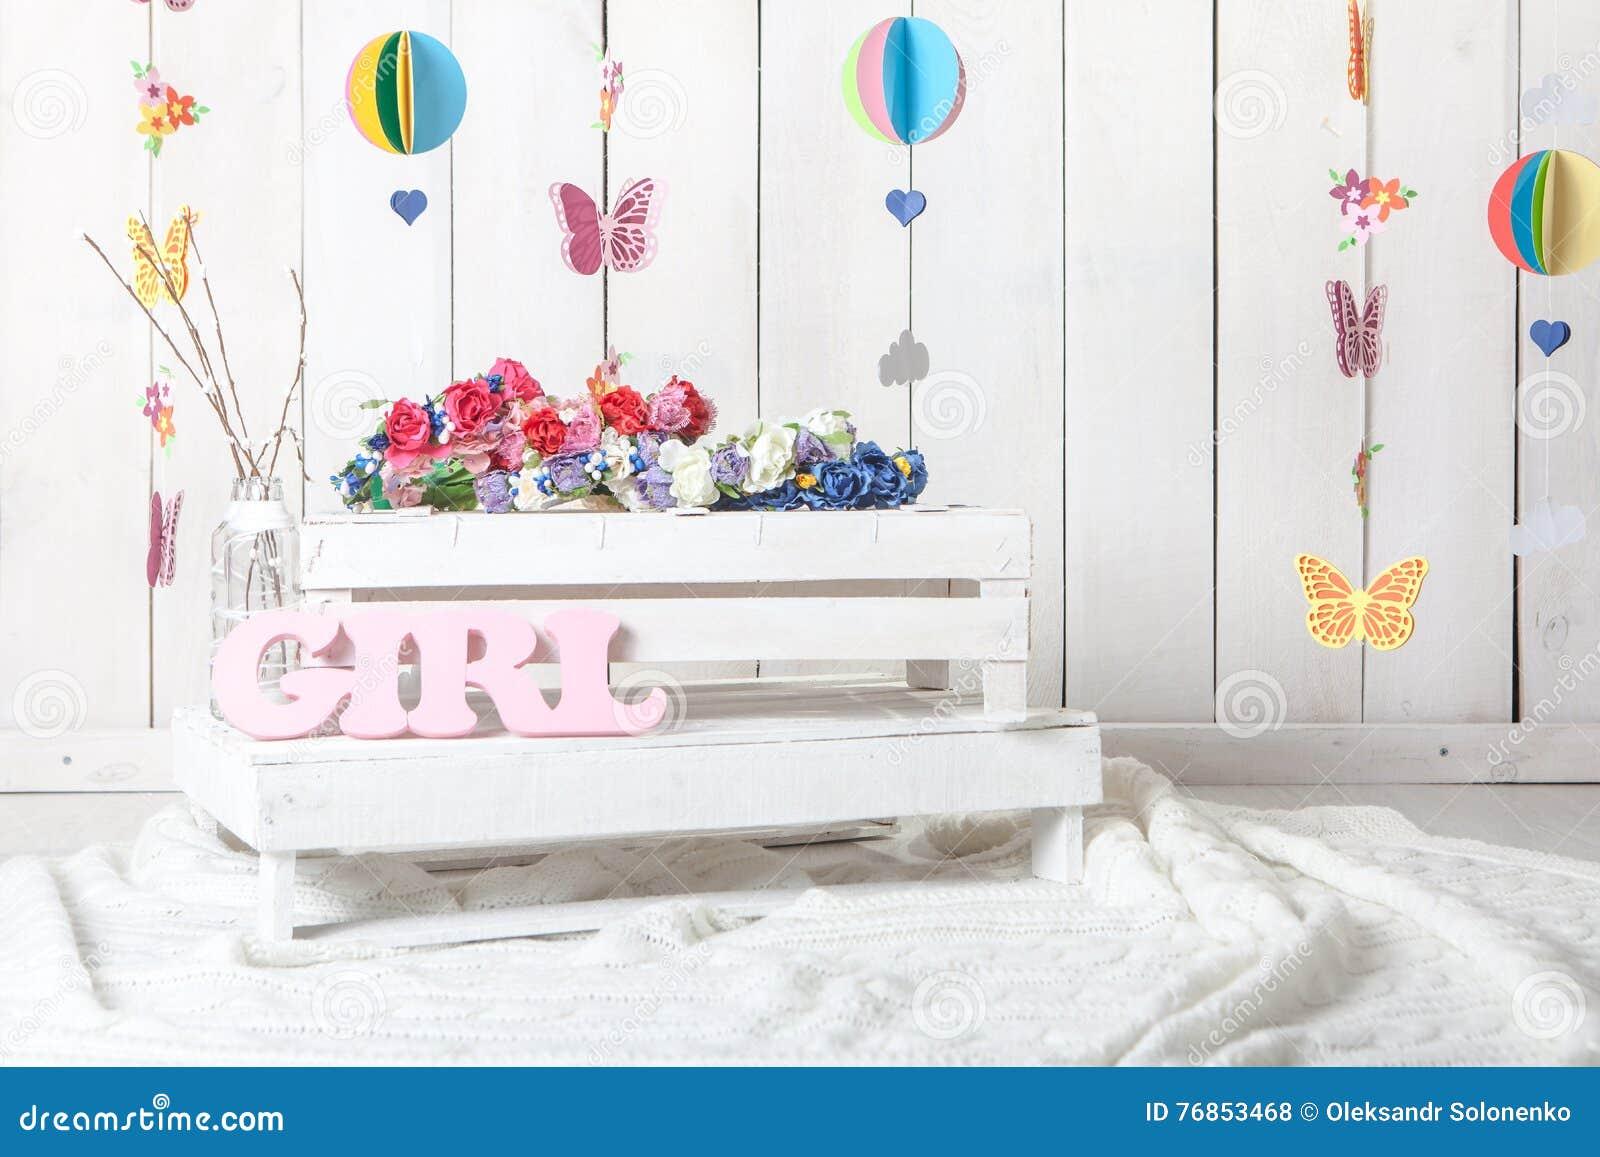 Disposición Del Fondo Del Estudio De La Fotografía Del Bebé Foto de ...